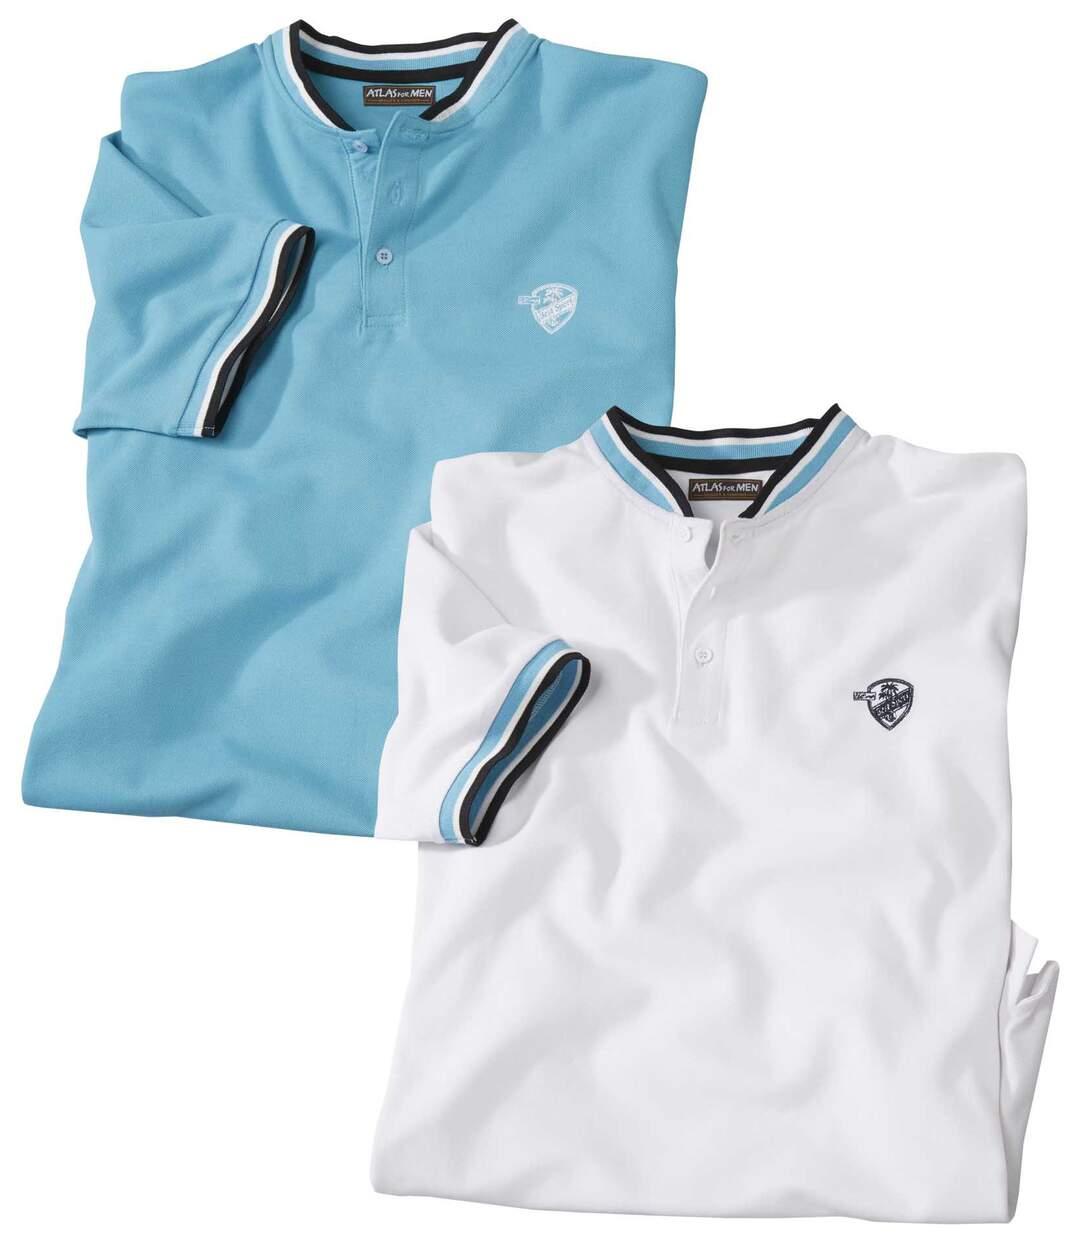 2er-Pack Poloshirts mit Offizierskragen